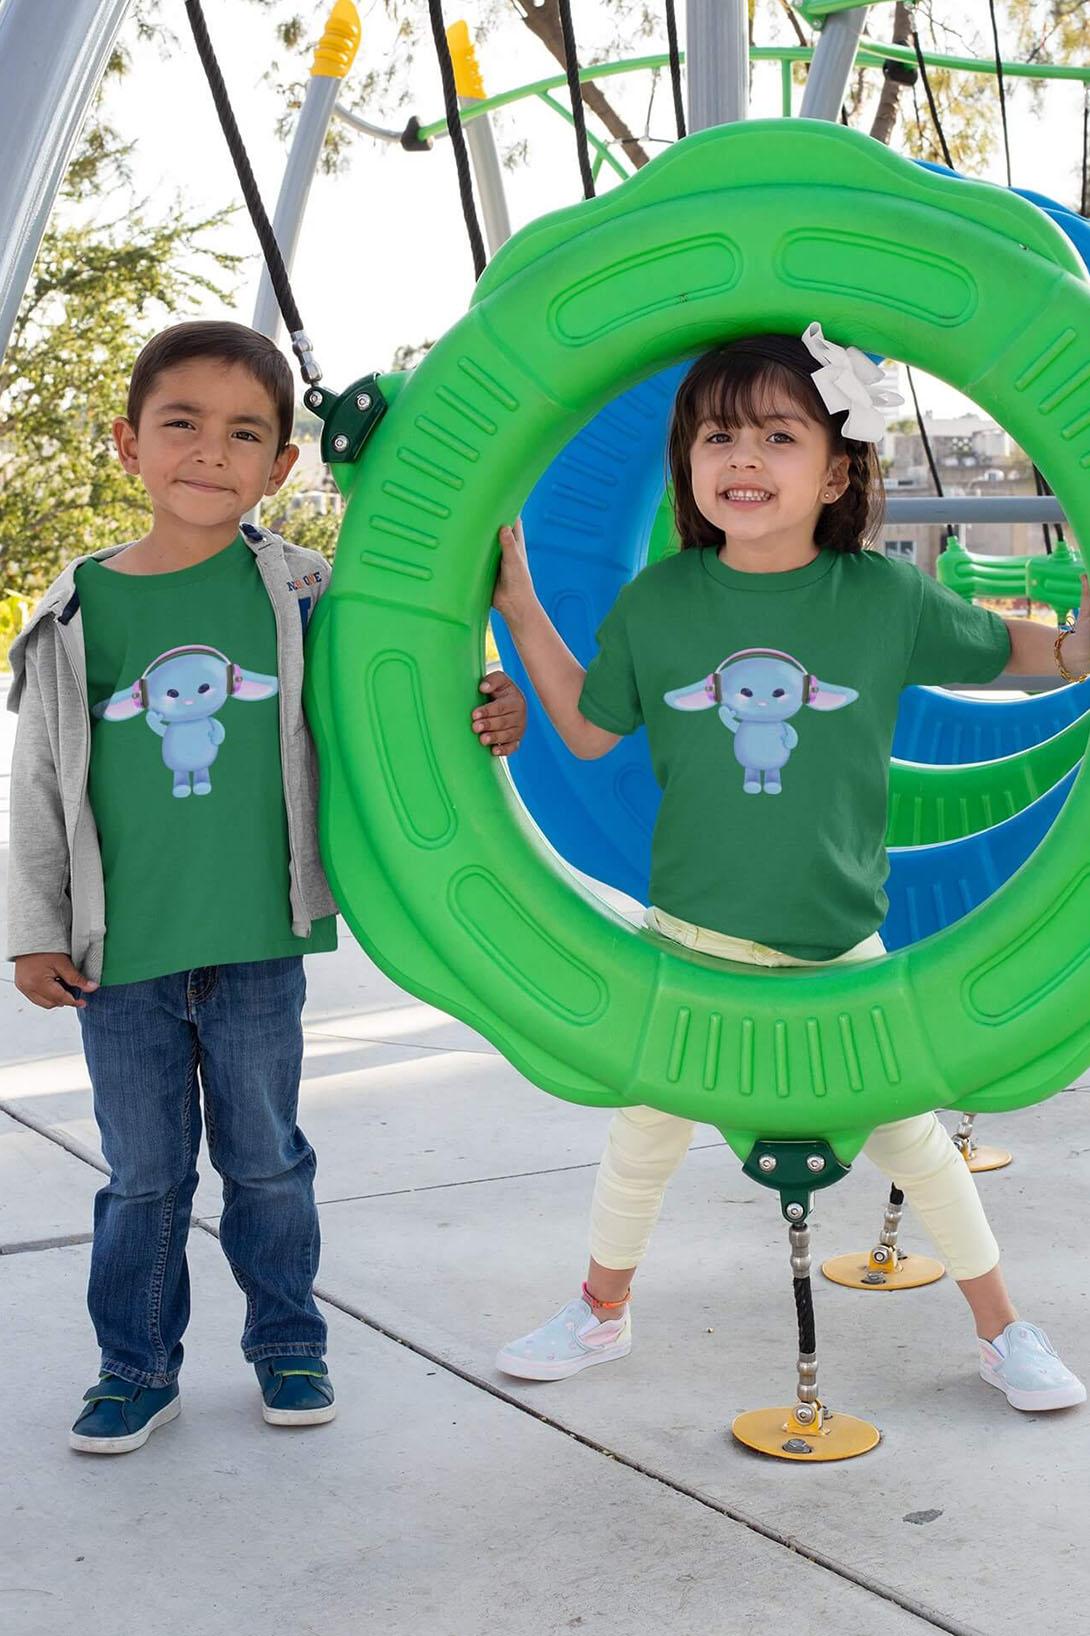 MMO Detské tričko Zajac so slúchadlami Vyberte farbu:: Malinová, Detská veľkosť: 146/10 rokov